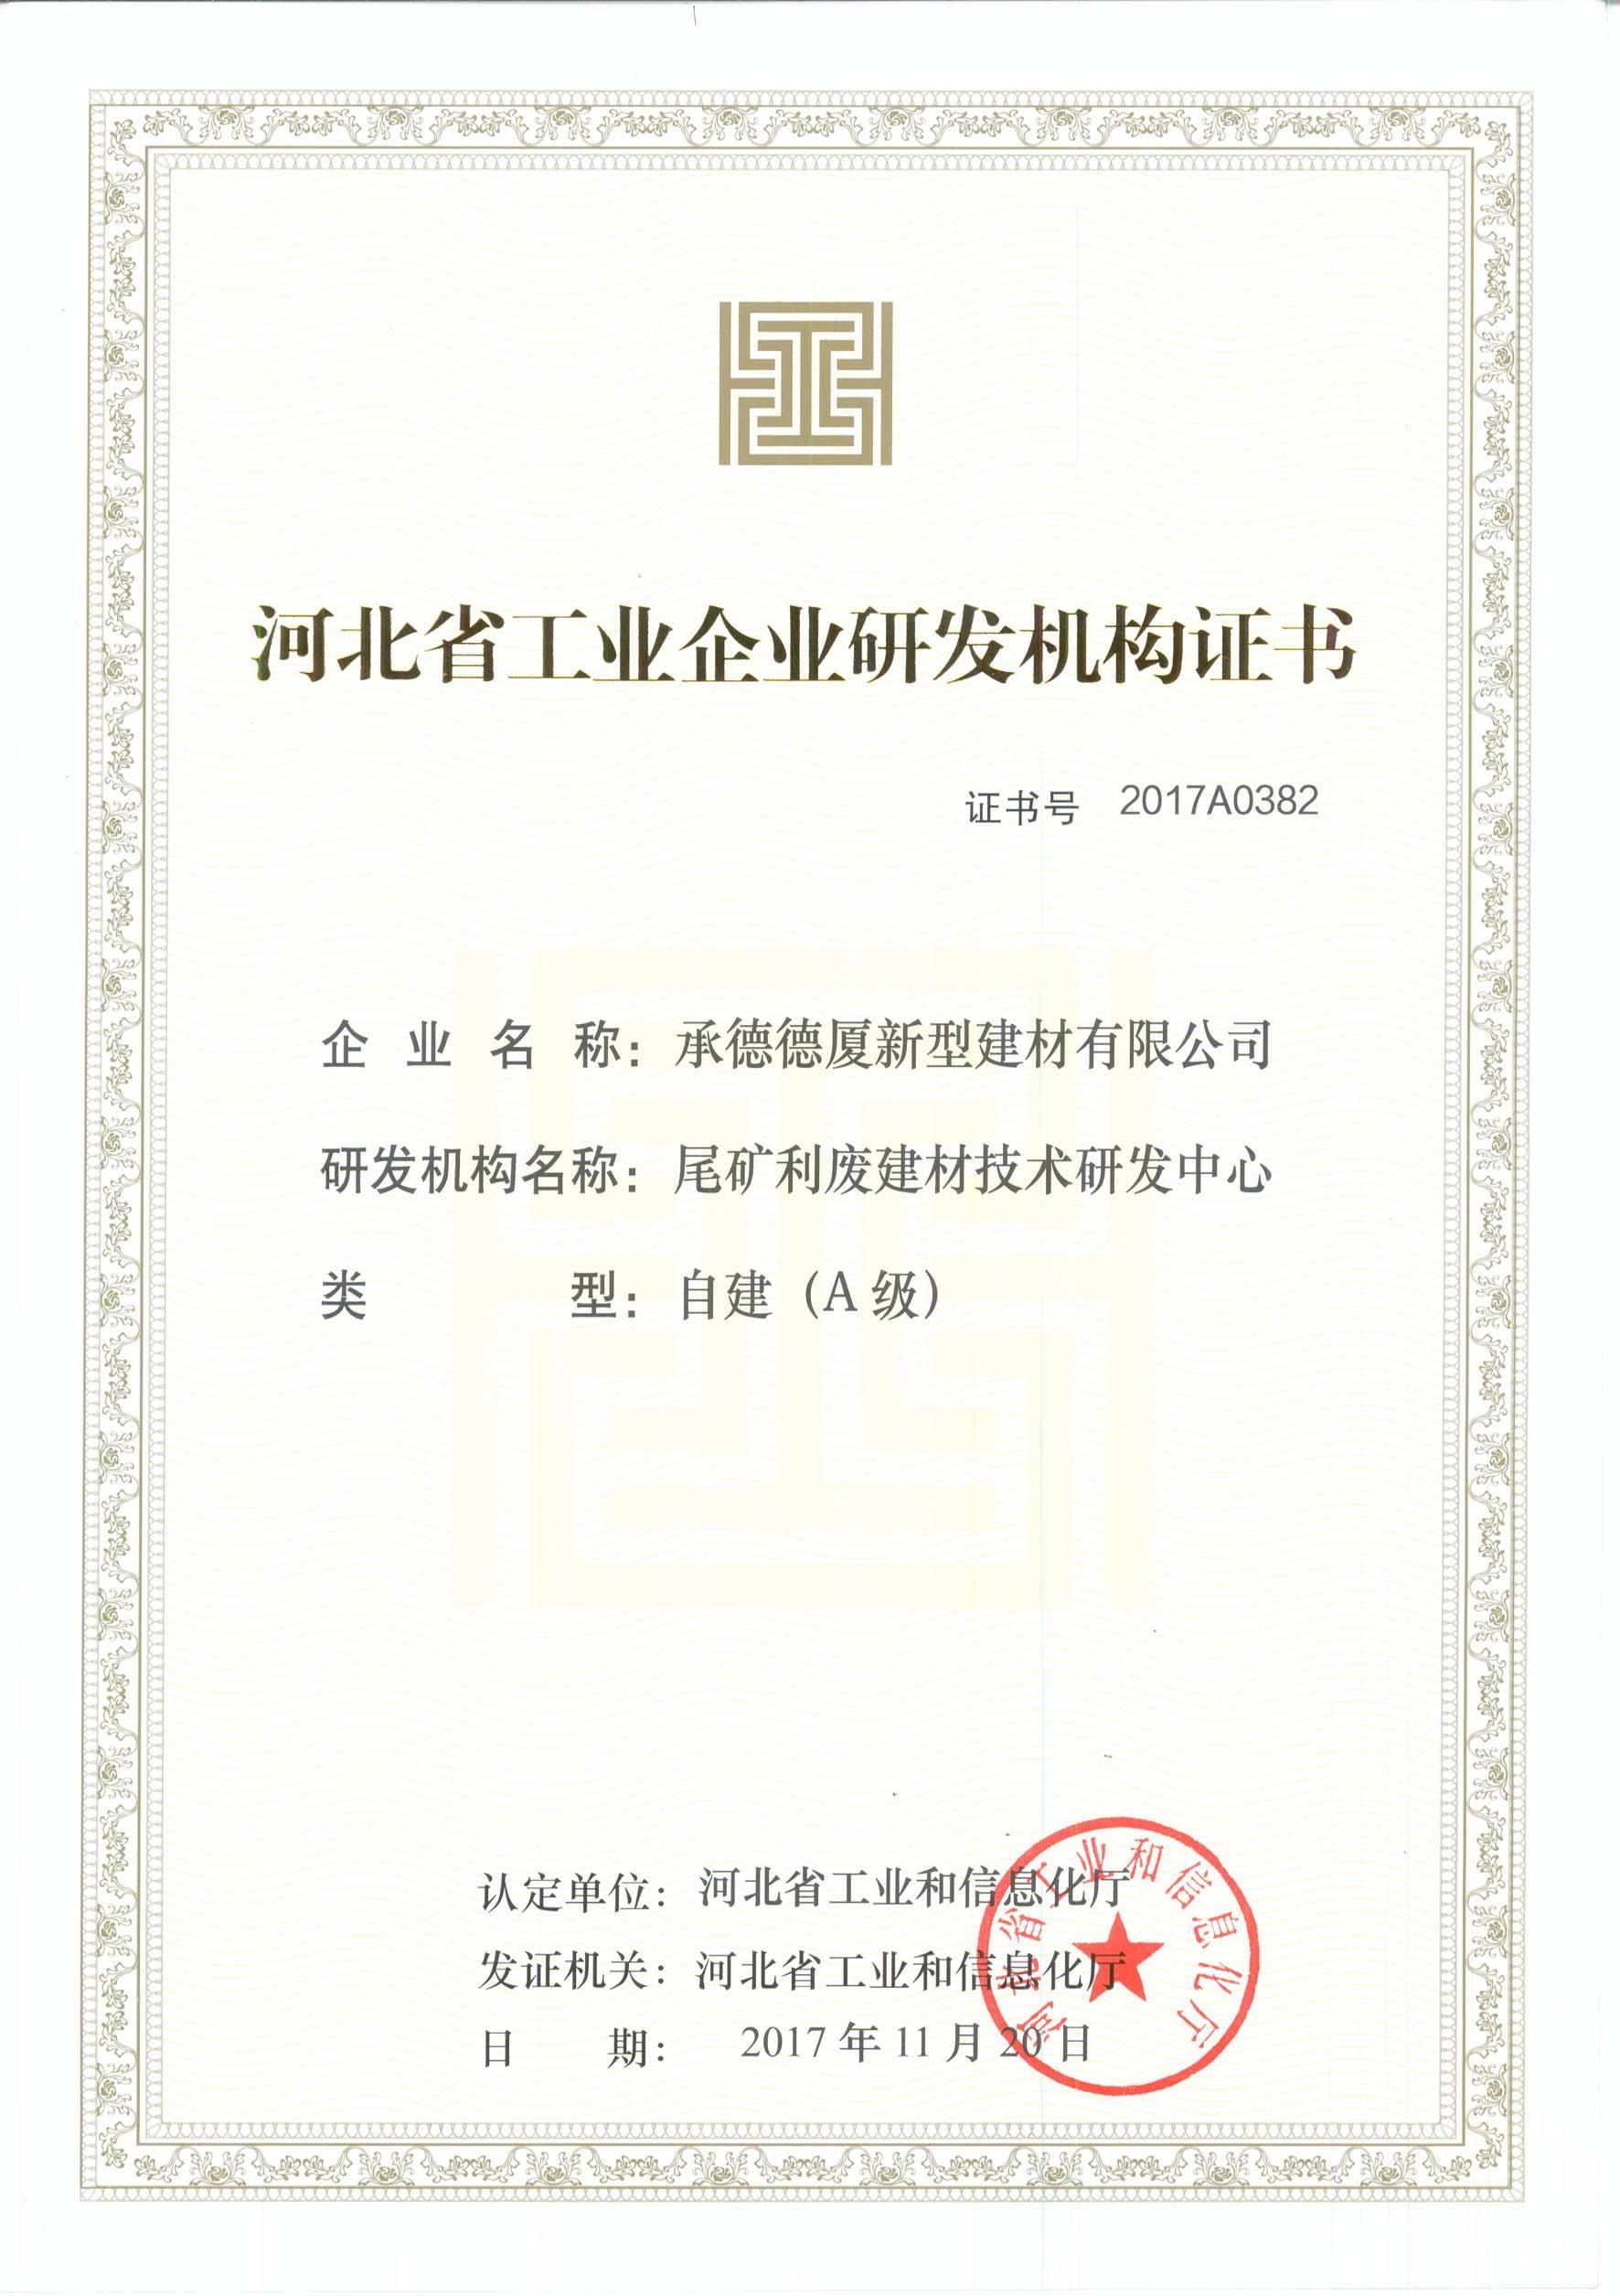 A級河北省規工業企業研發機構